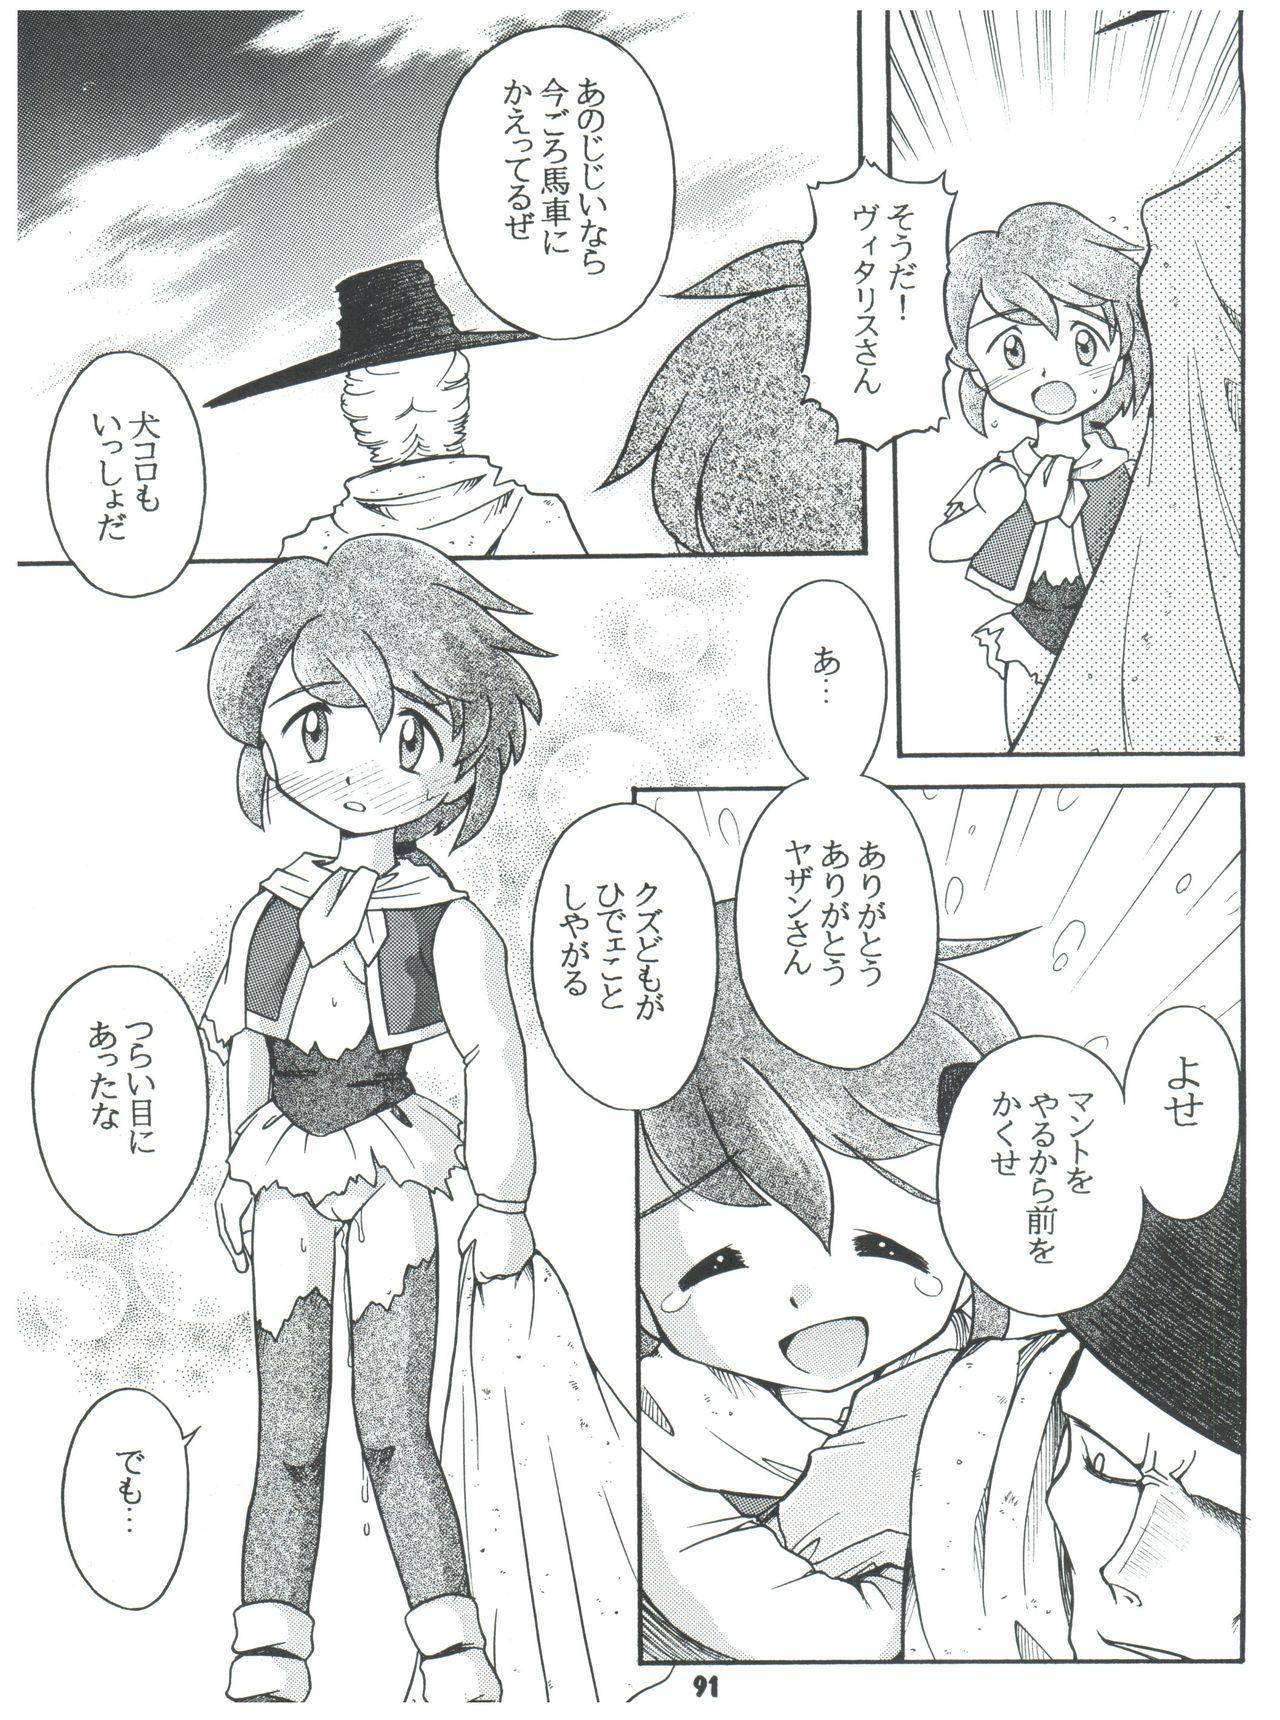 [Sairo Publishing (J. Sairo) En-Jack 2 (Various) 90